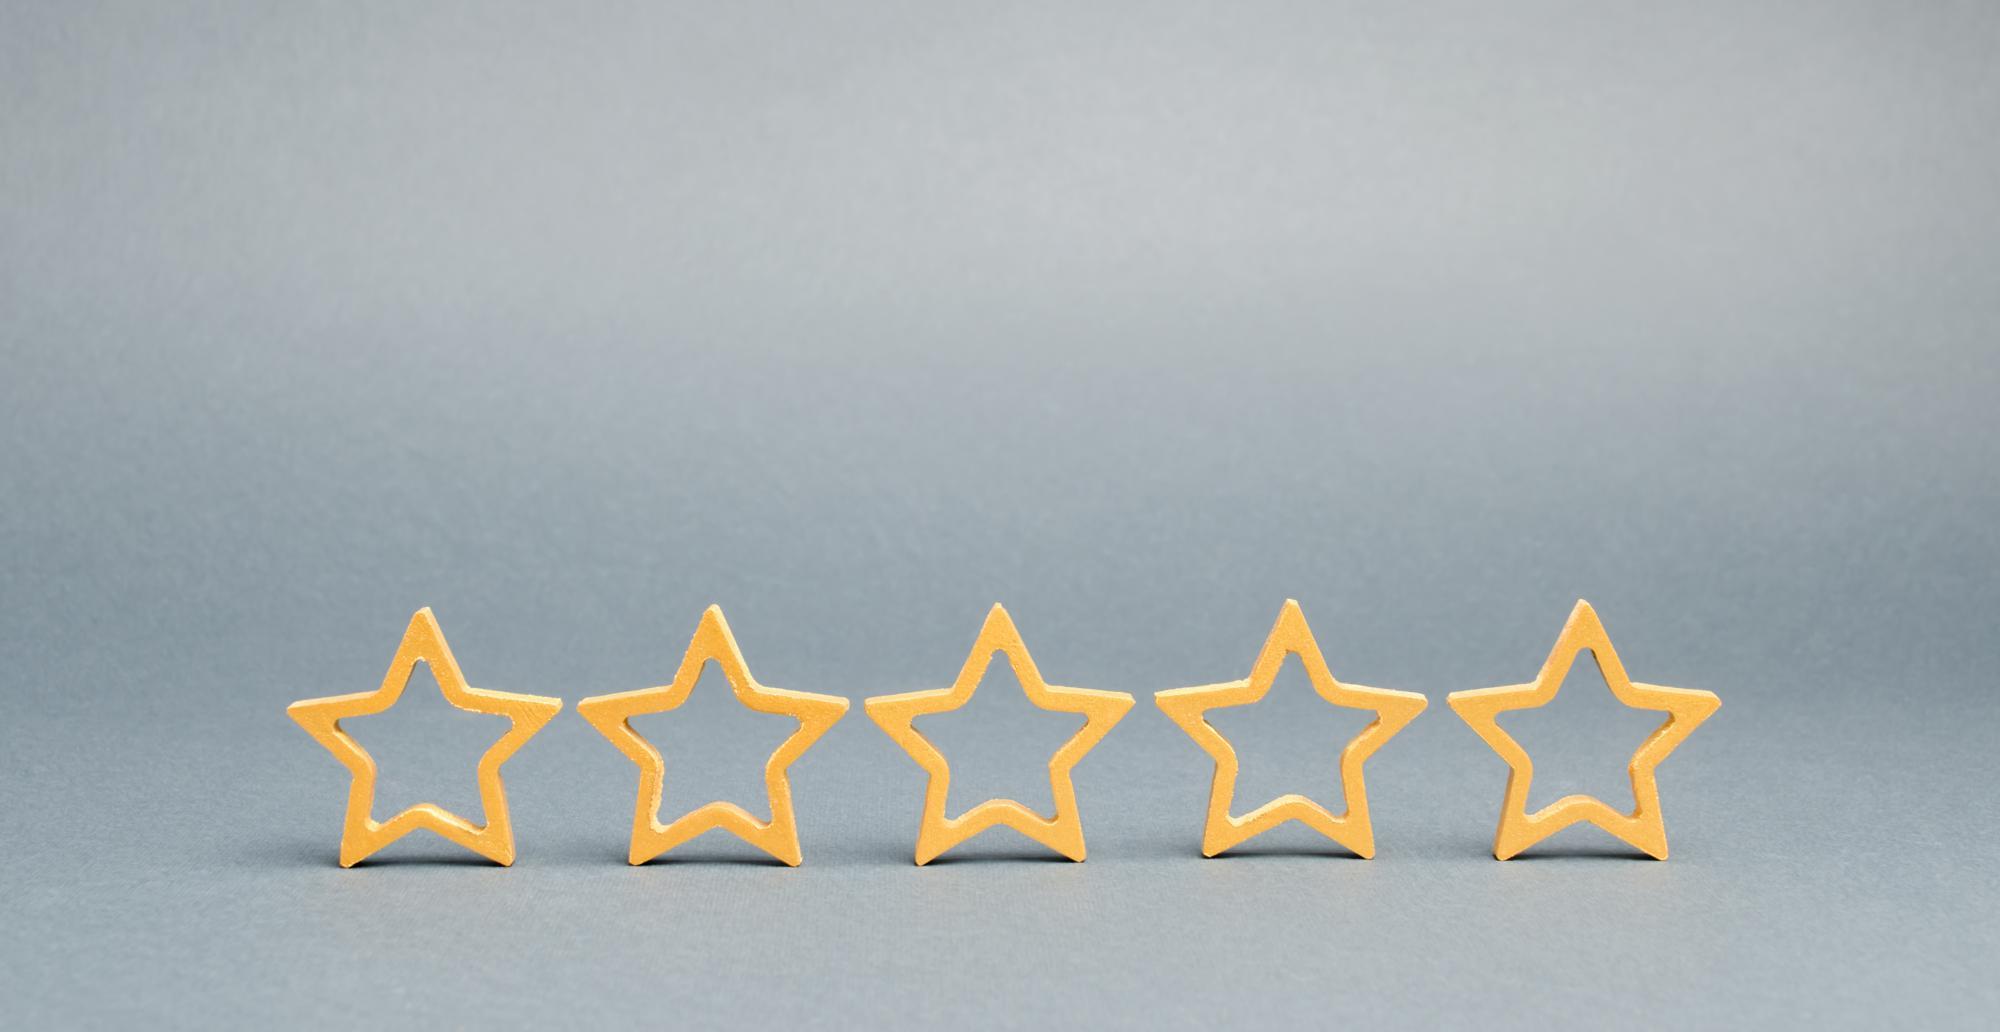 ОЭСР опубликовала новые экспертные рейтинги для девяти стран